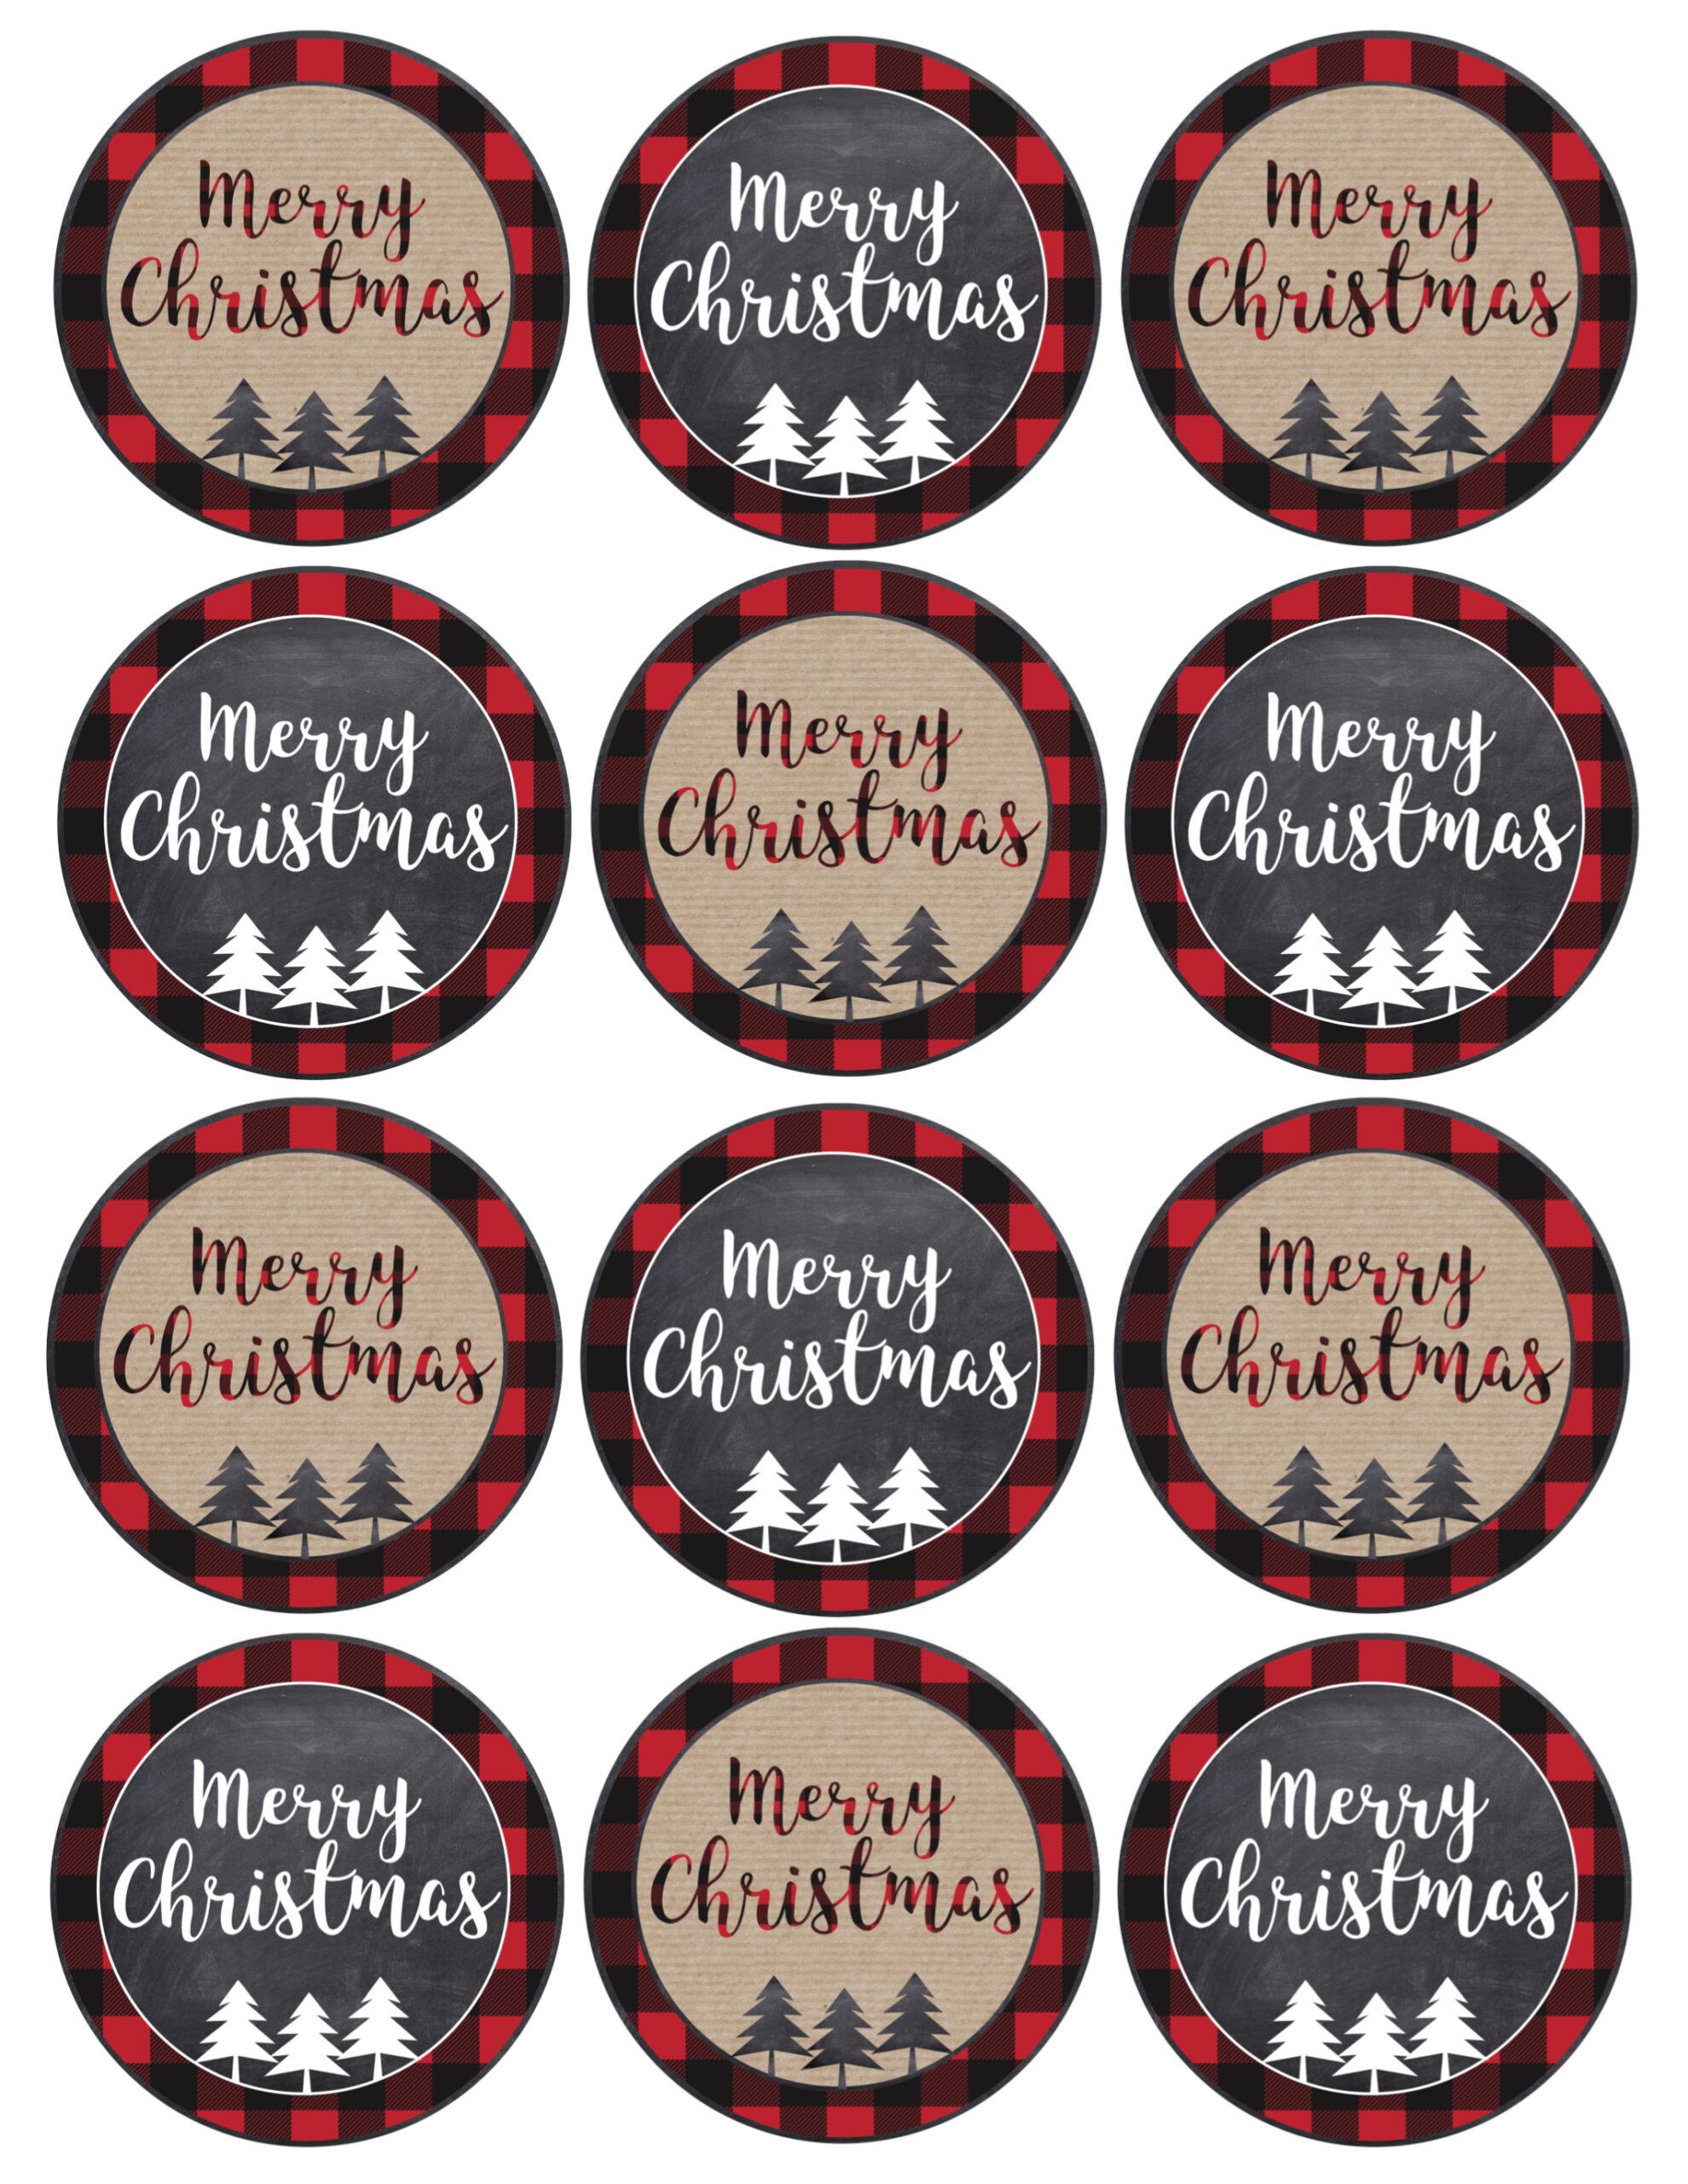 Merry Christmas Tags Printable